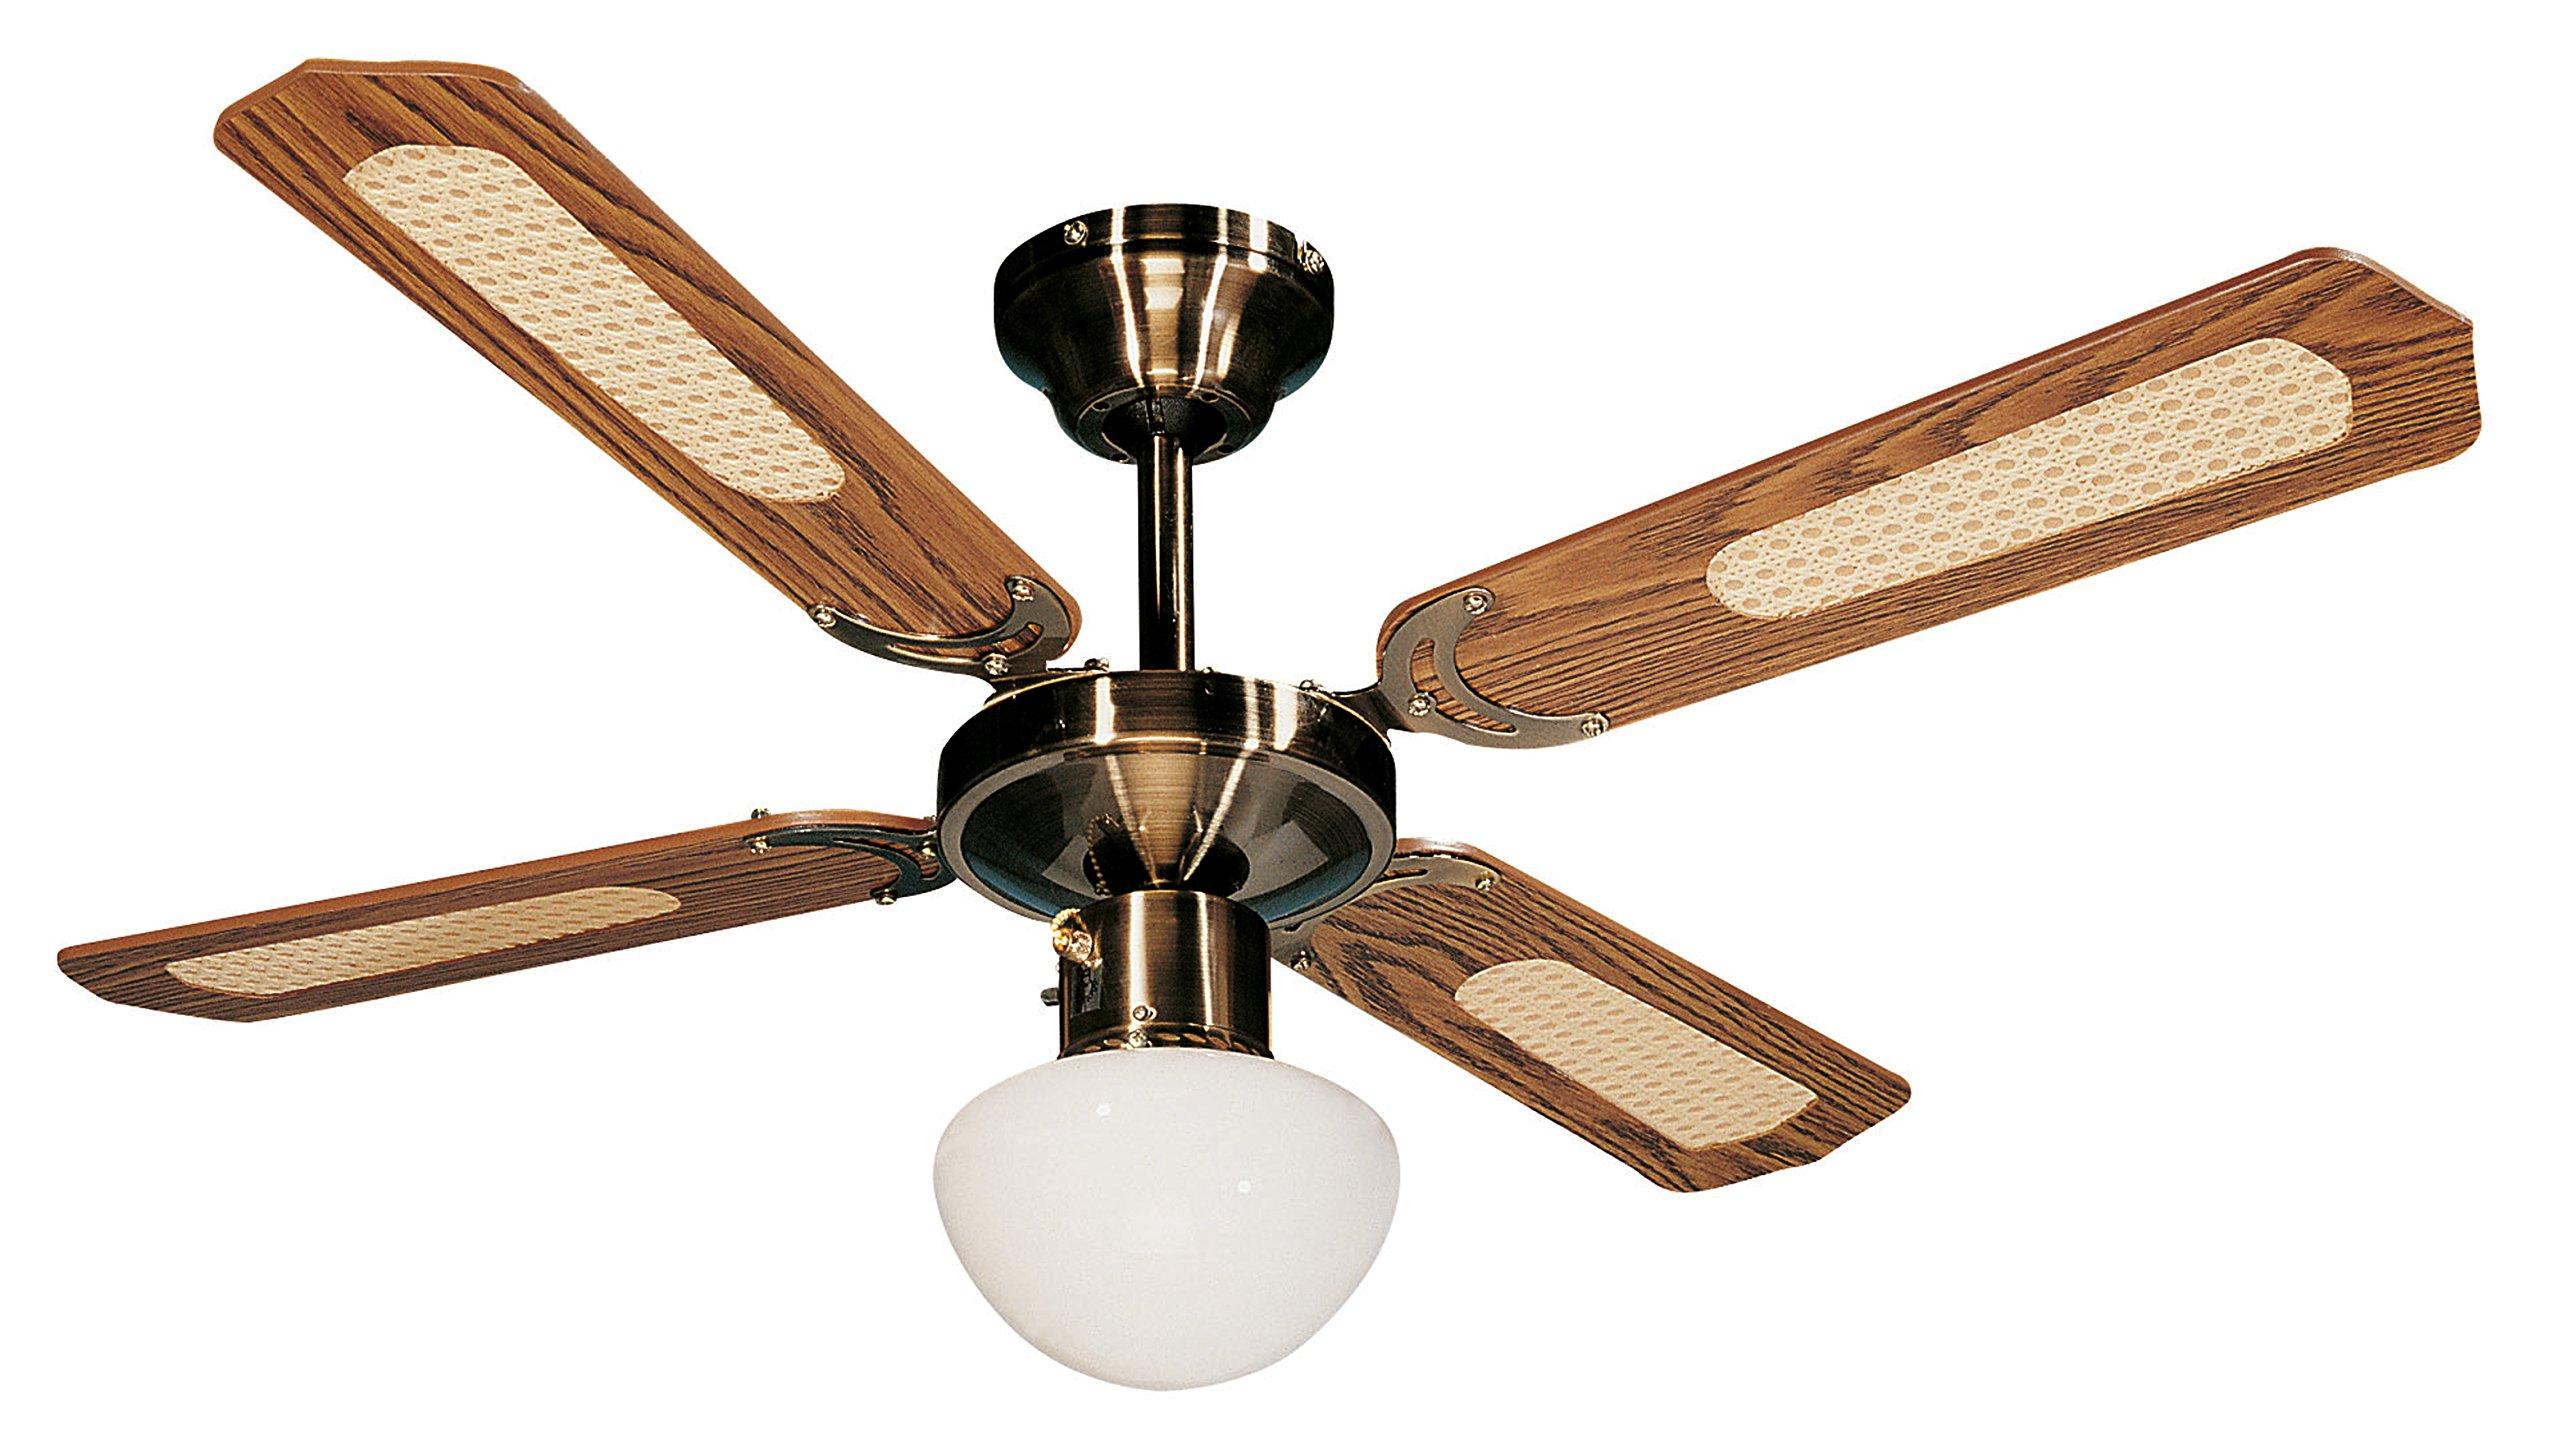 Farelek Bali Ventilateur de plafond 107 cm Brun product image